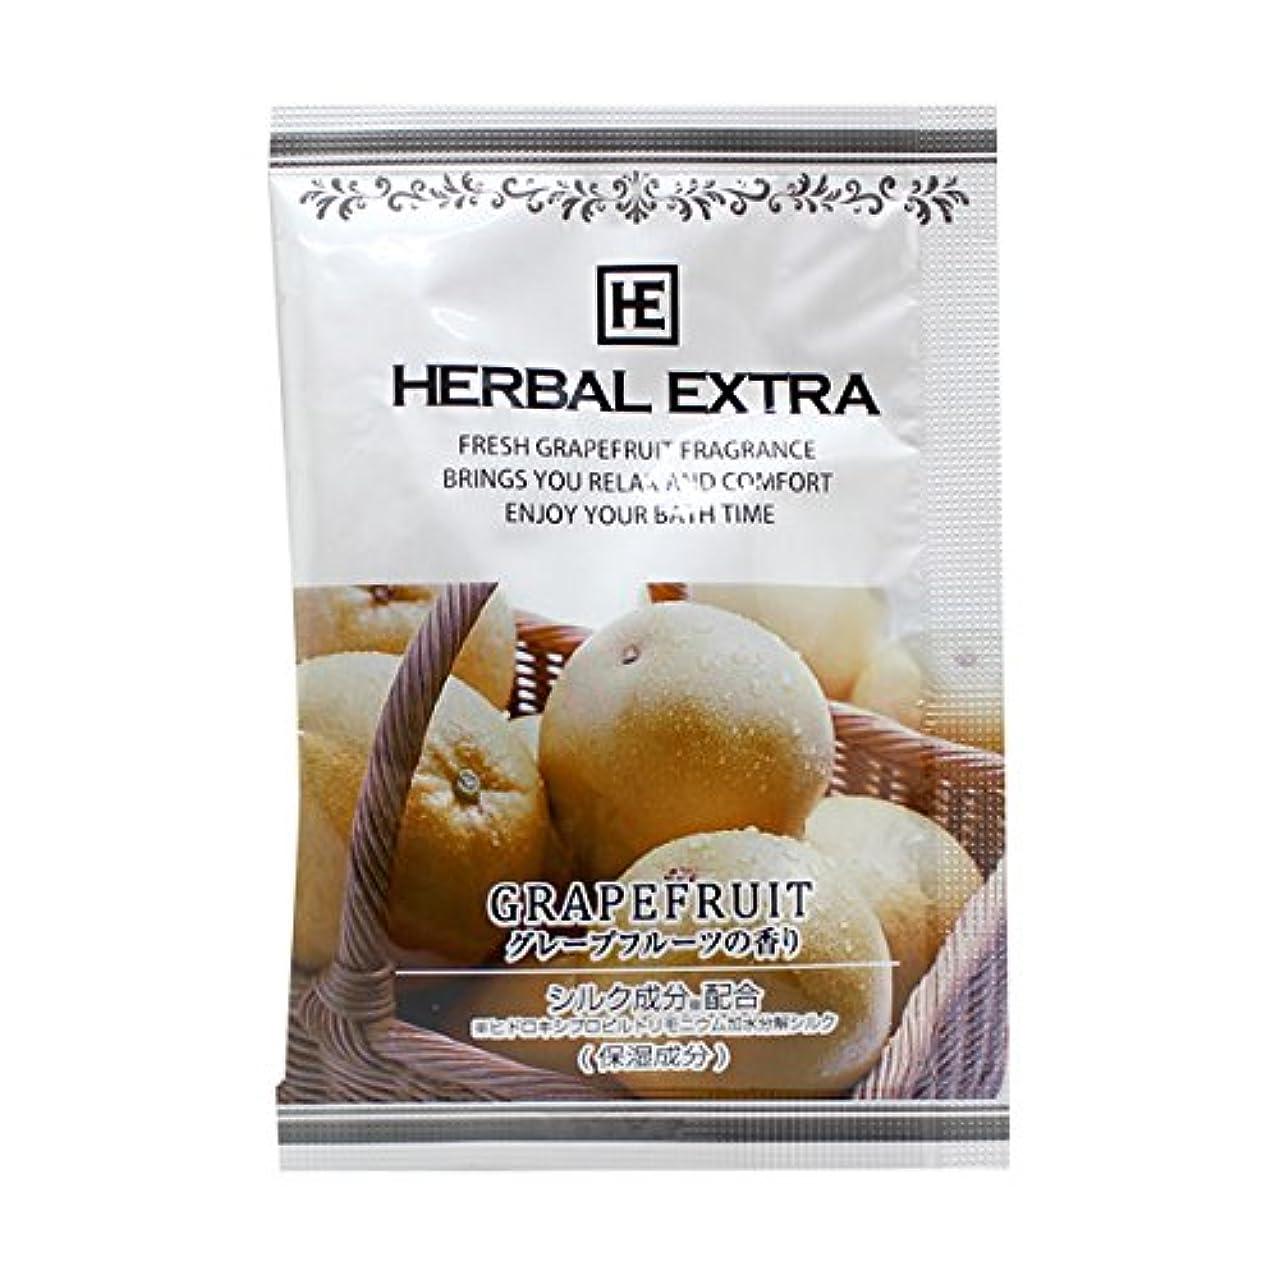 死んでいる不純未亡人入浴剤 ハーバルエクストラ「グレープフルーツの香り」30個